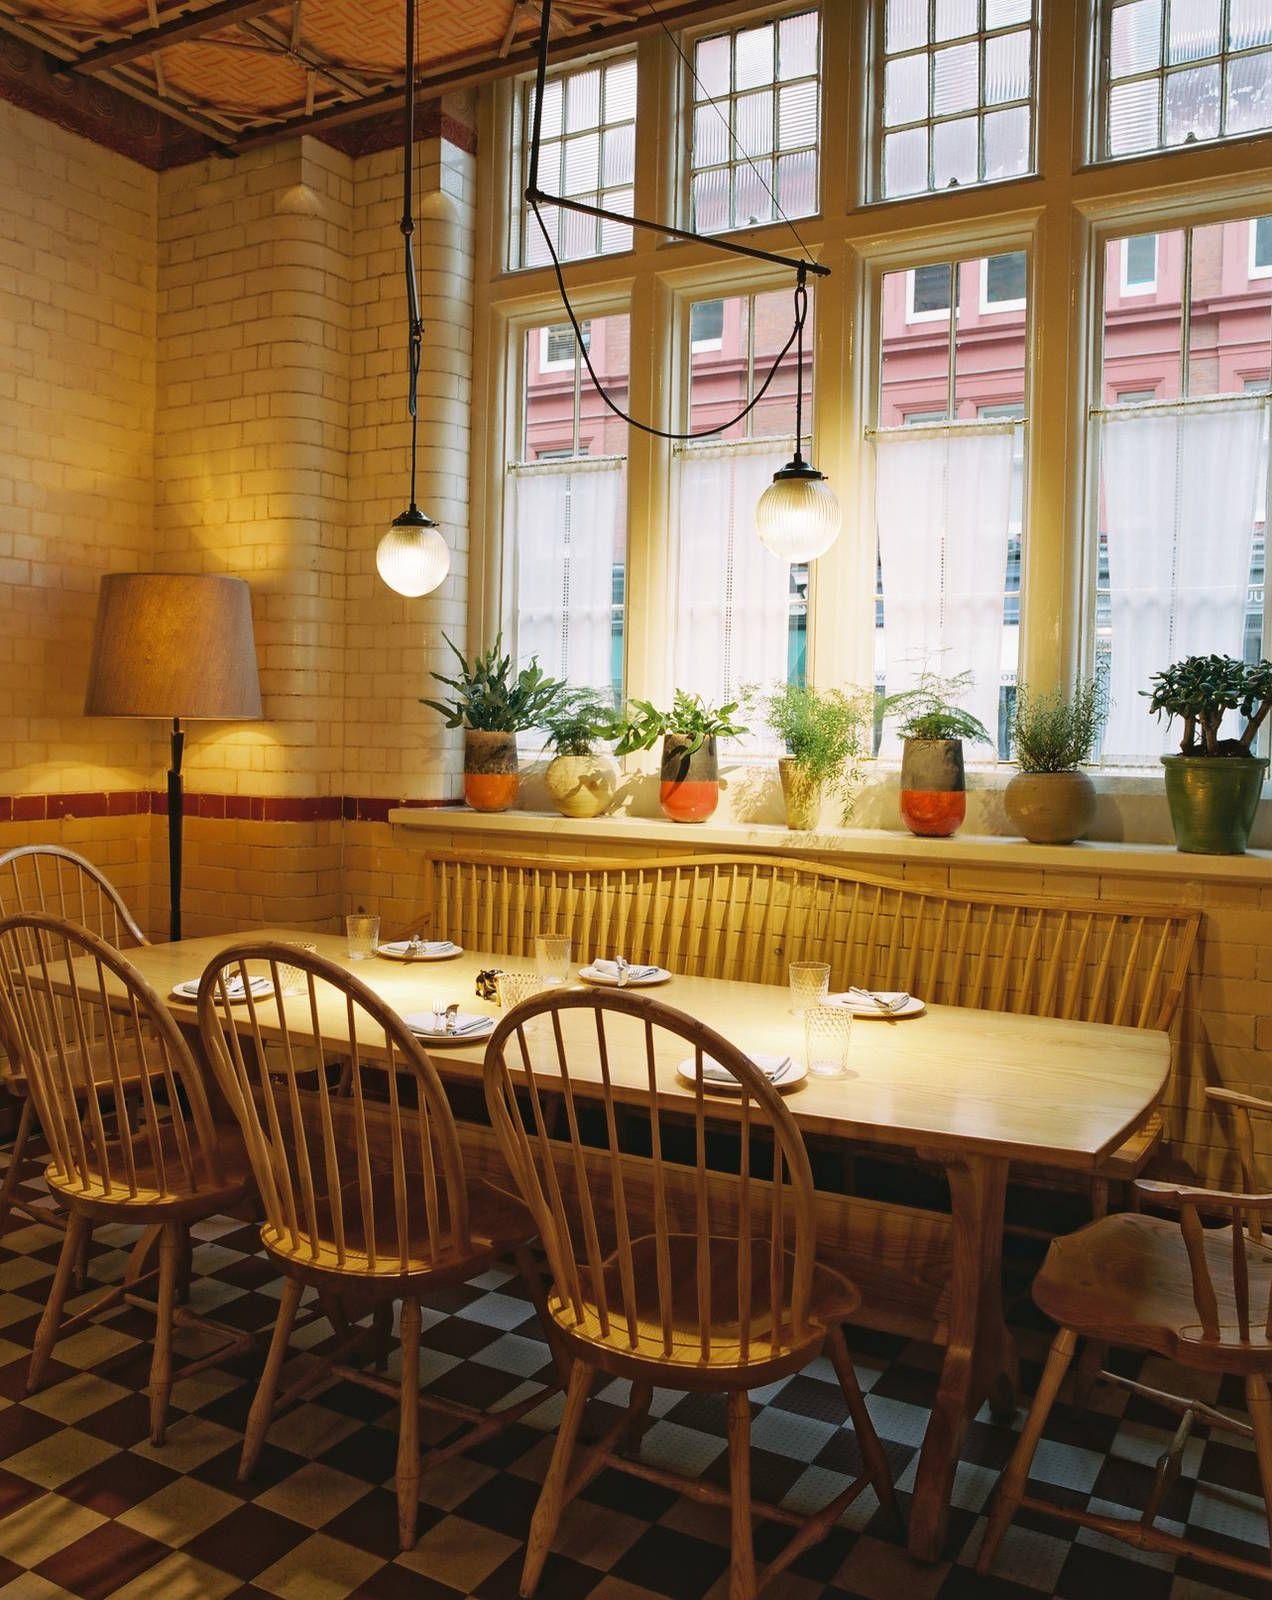 5 Star Restaurants in London | Restaurant - Chiltern ...